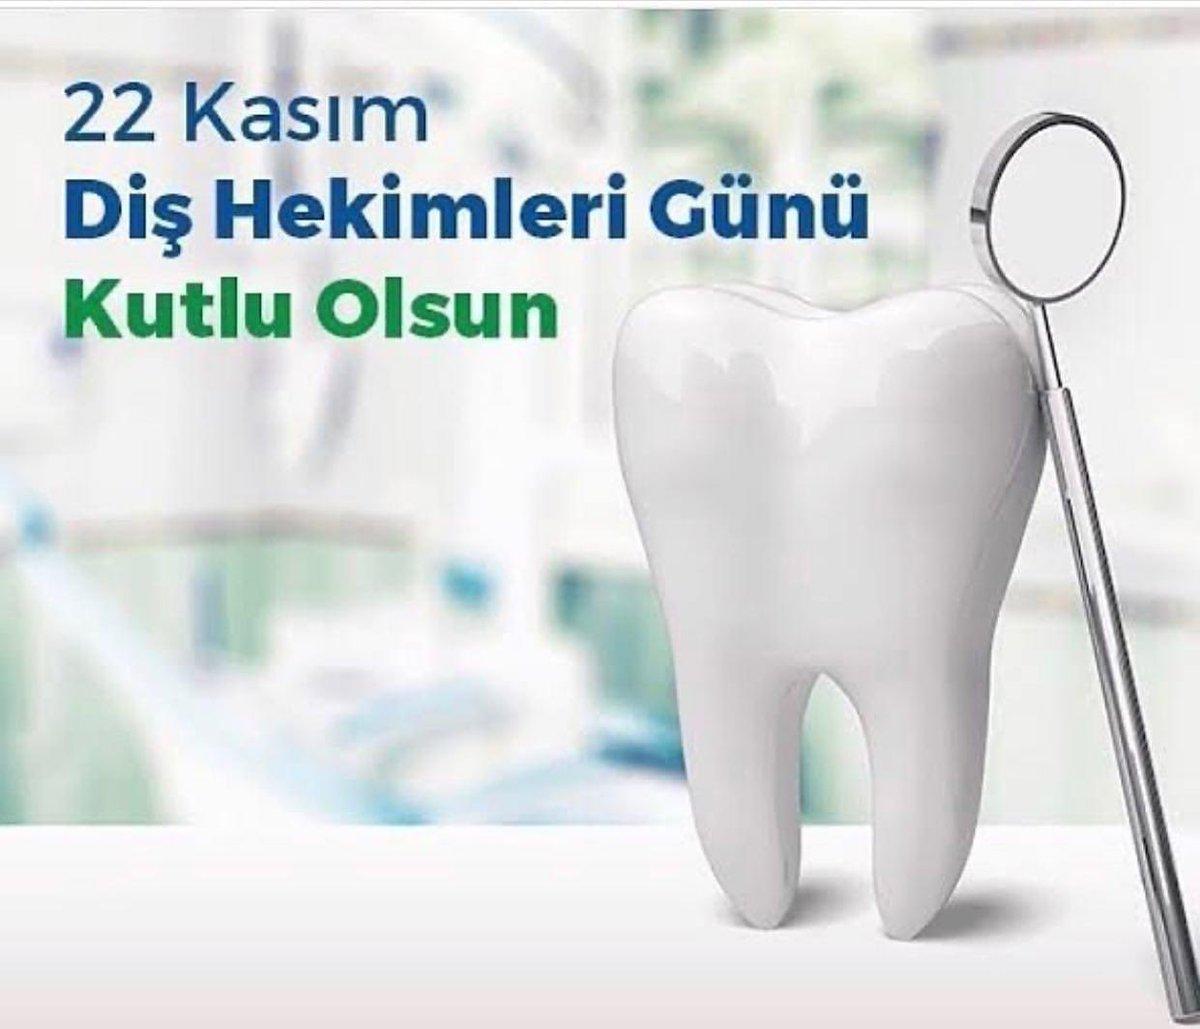 Ağız ve diş sağlığımızın korunması ve sağlıklı gülümsememiz için çalışan bütün diş hekimlerimizin 22 Kasım Diş Hekimleri Günü ile Toplum Ağız ve Diş Sağlığı Haftası kutlu olsun.🦷🦷🦷 https://t.co/a4iwjxVE3C